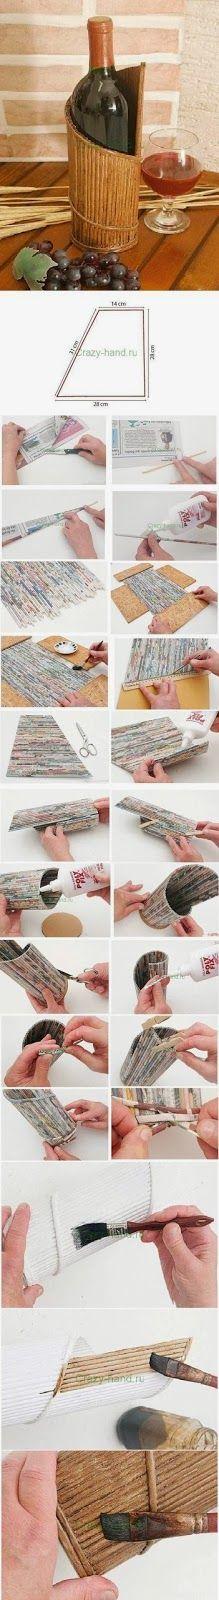 Transforma con papel de periódico                                                                                                                                                     Más